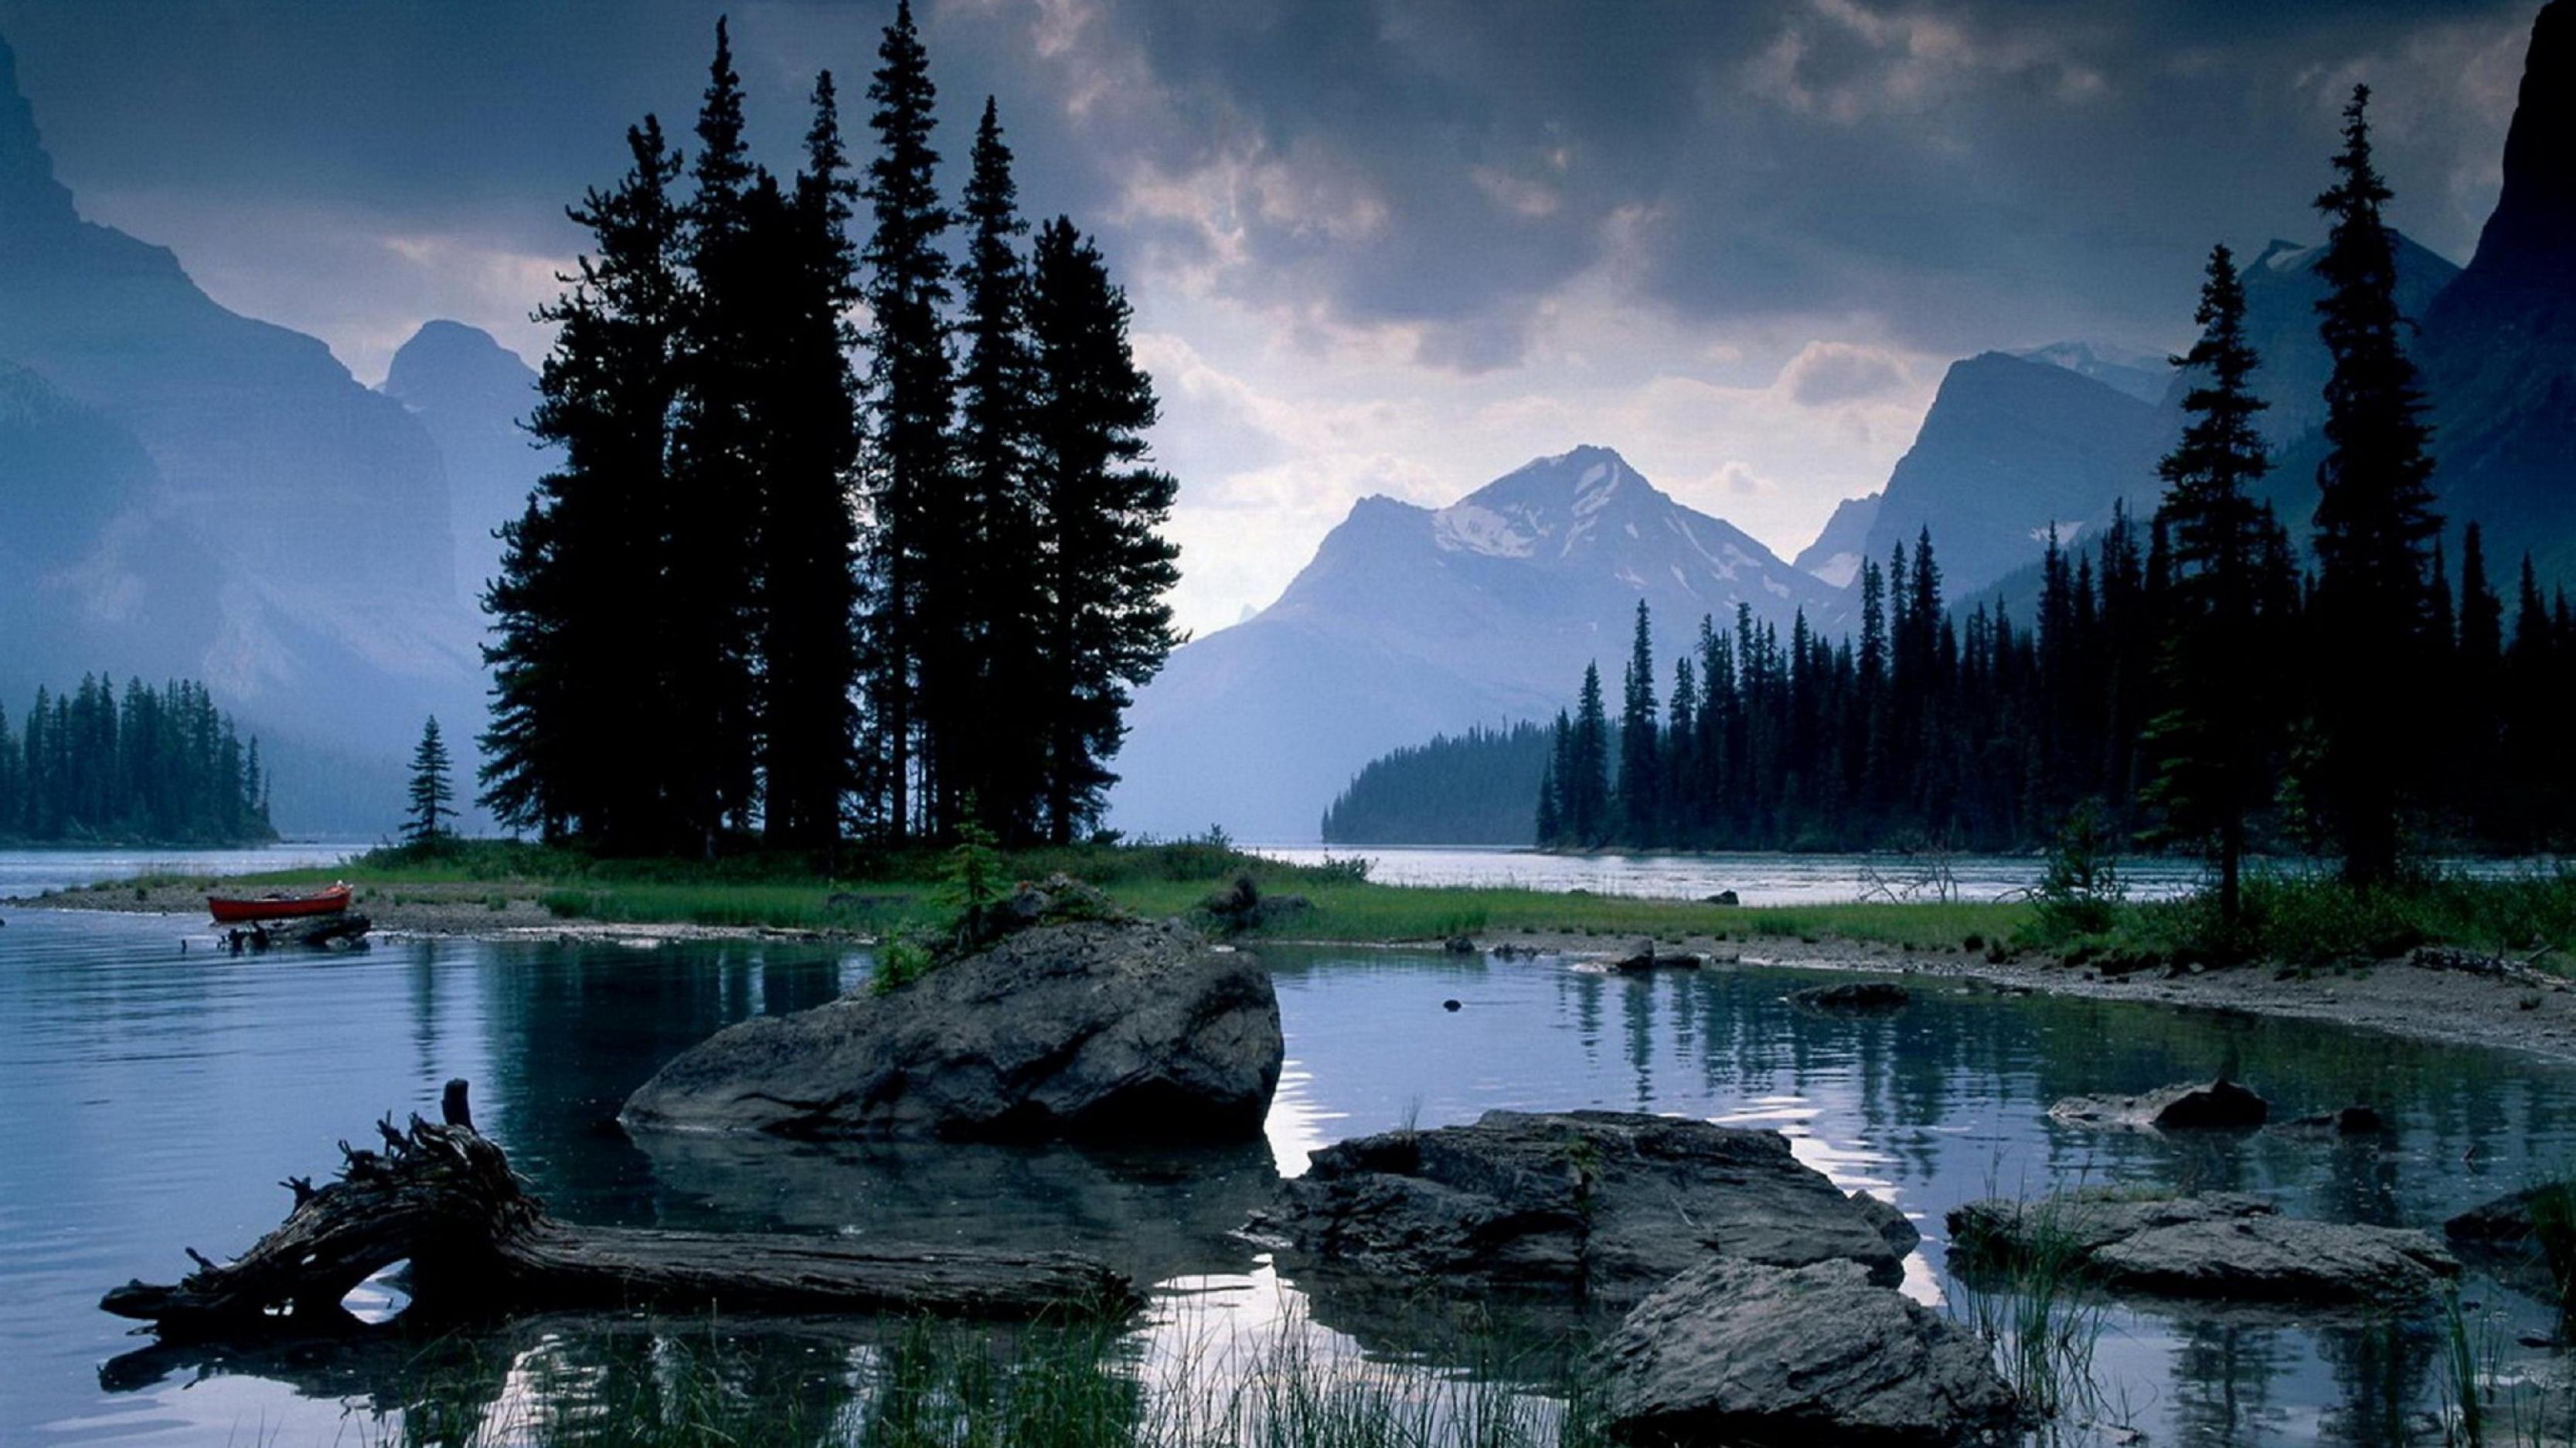 بالصور صور طبيعة جميلة , احلى خلفيات اشجار وسماء وبحار روعه 3981 2